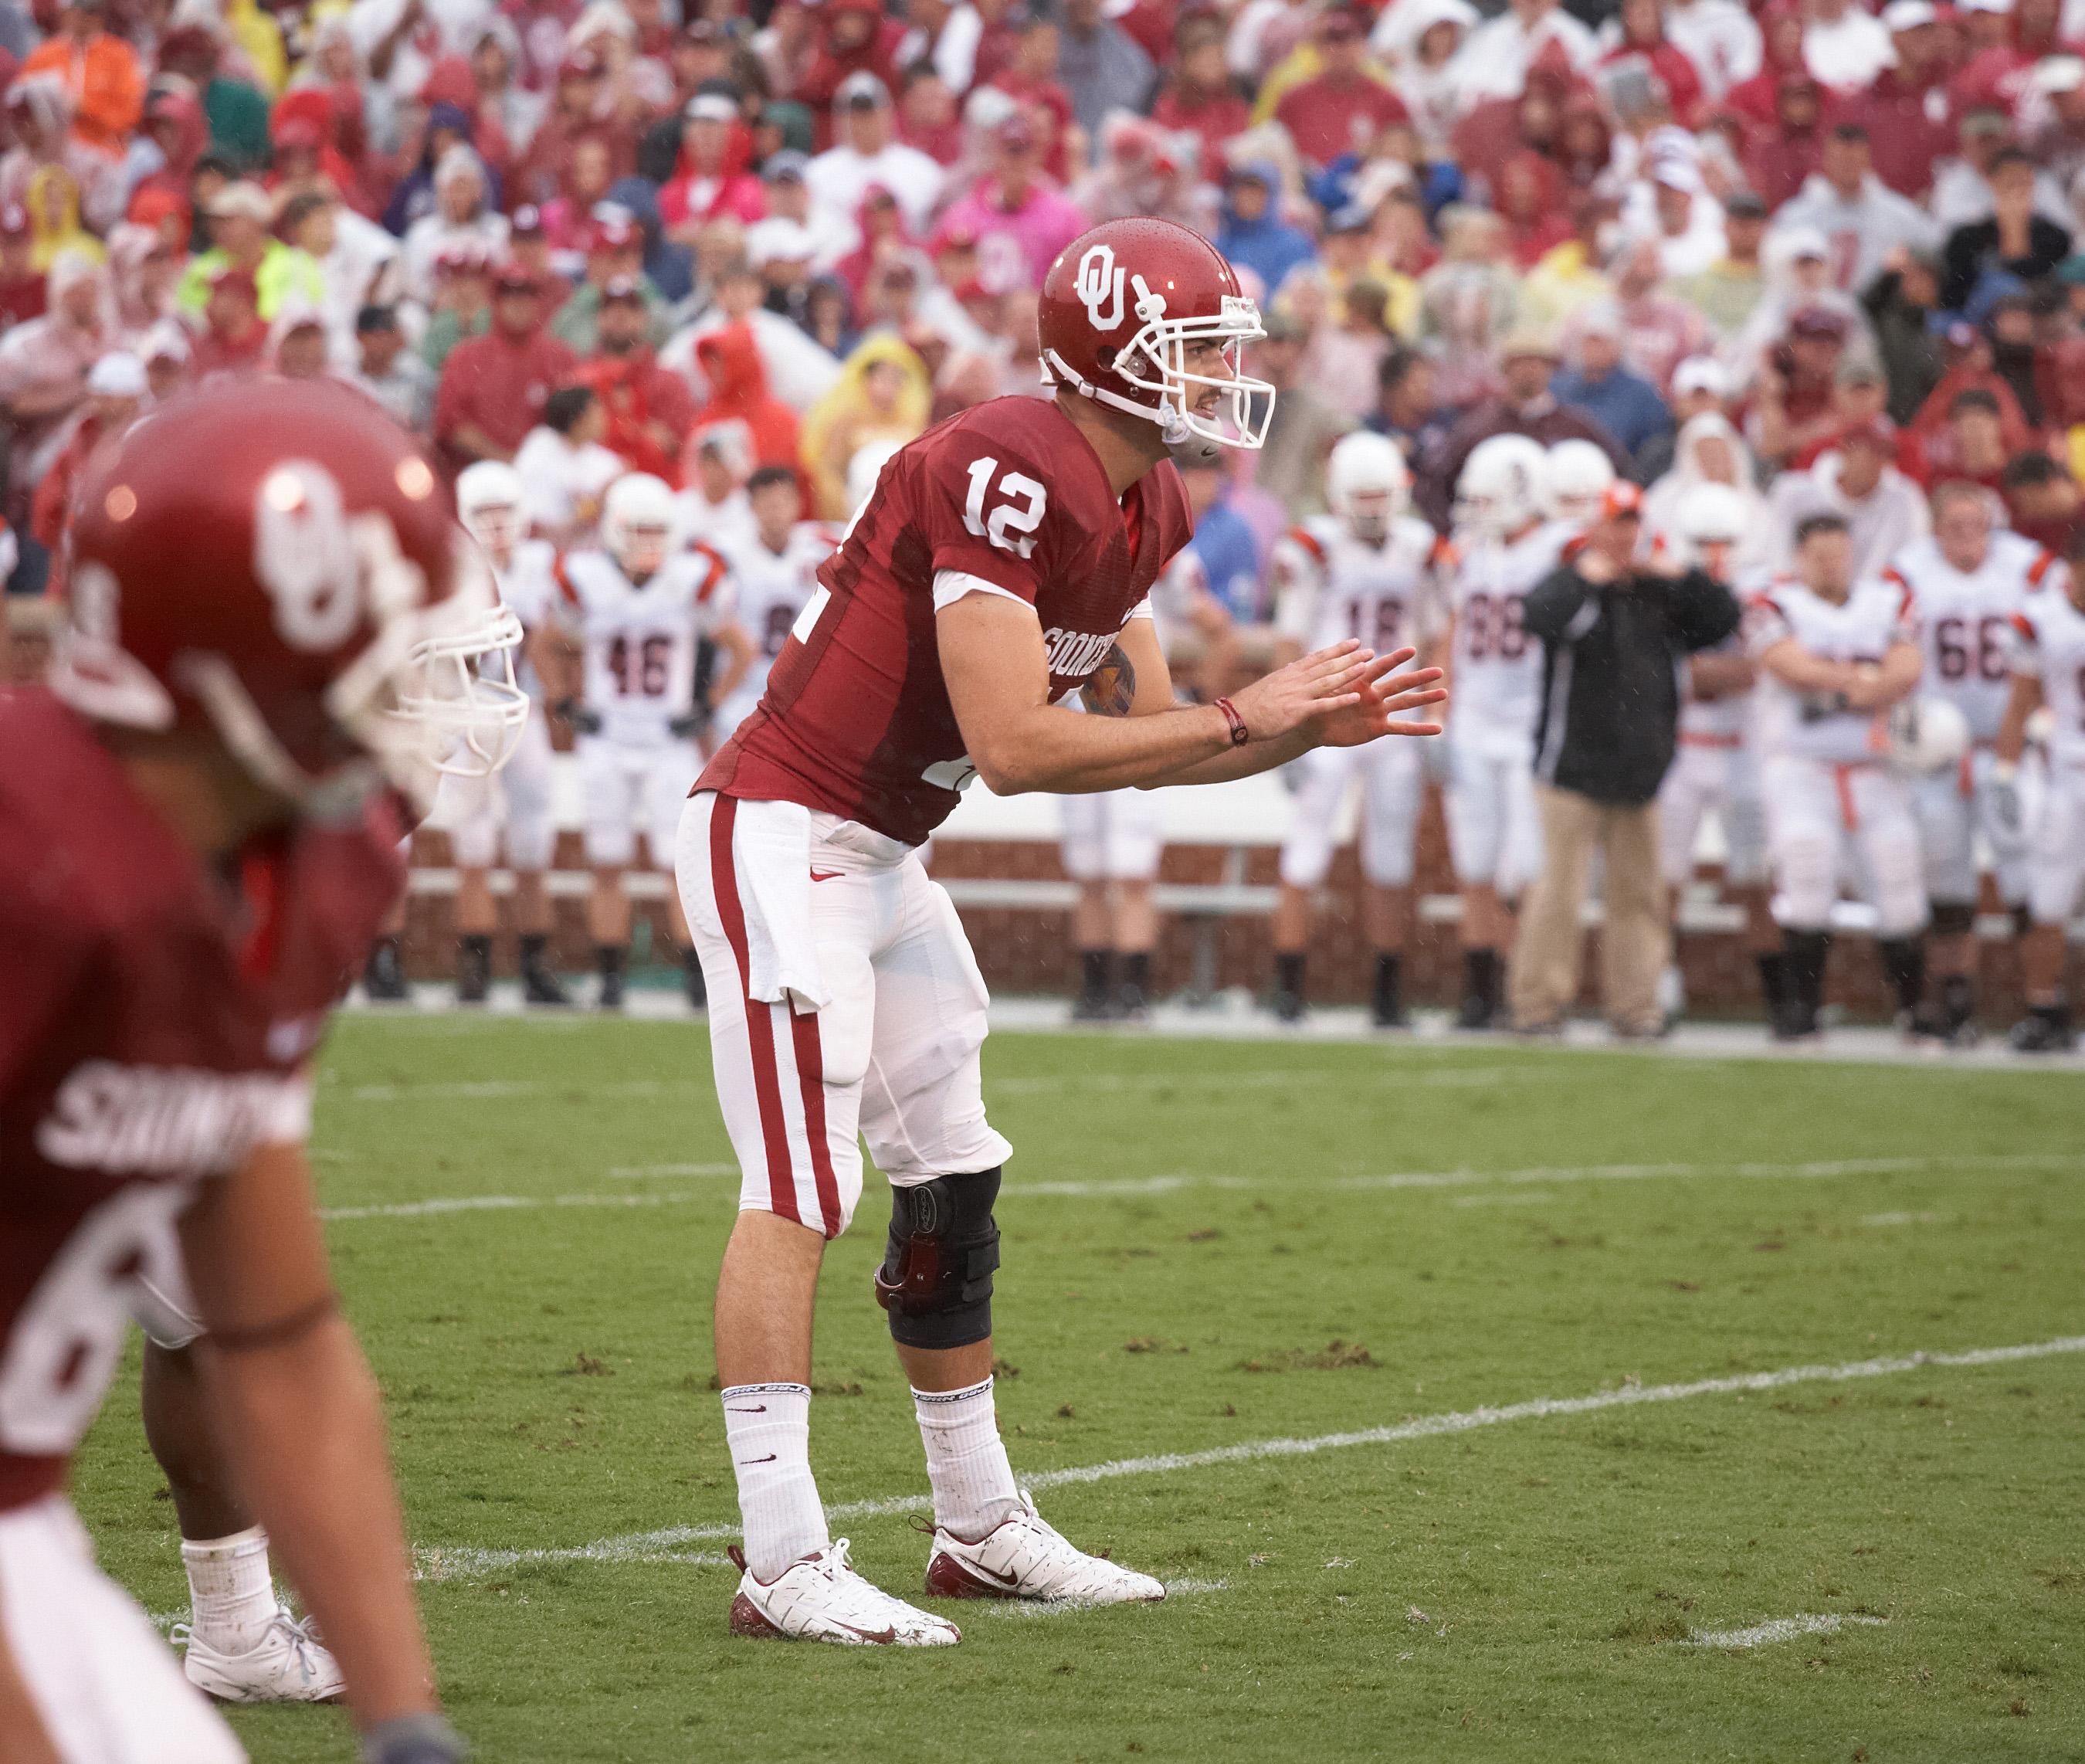 2009 Oklahoma Sooners football team | Wiki | Everipedia